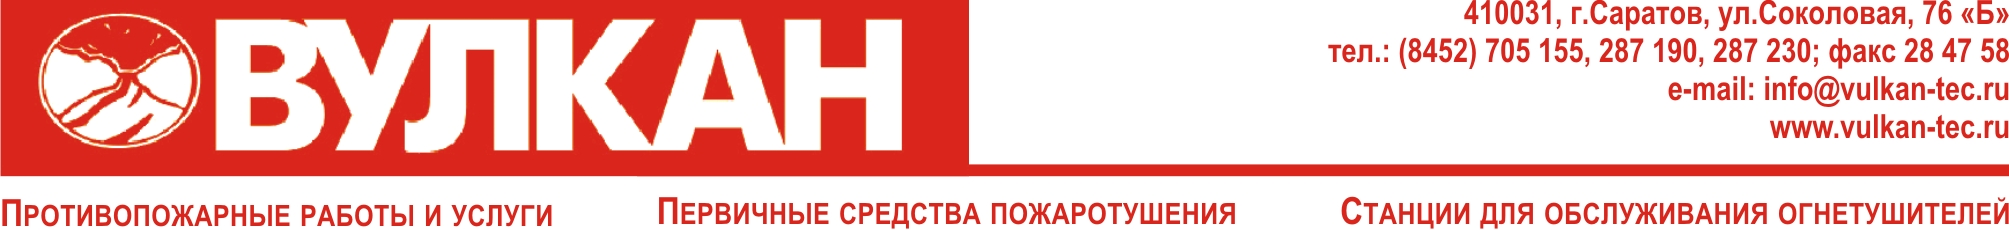 info vulkan tec ru